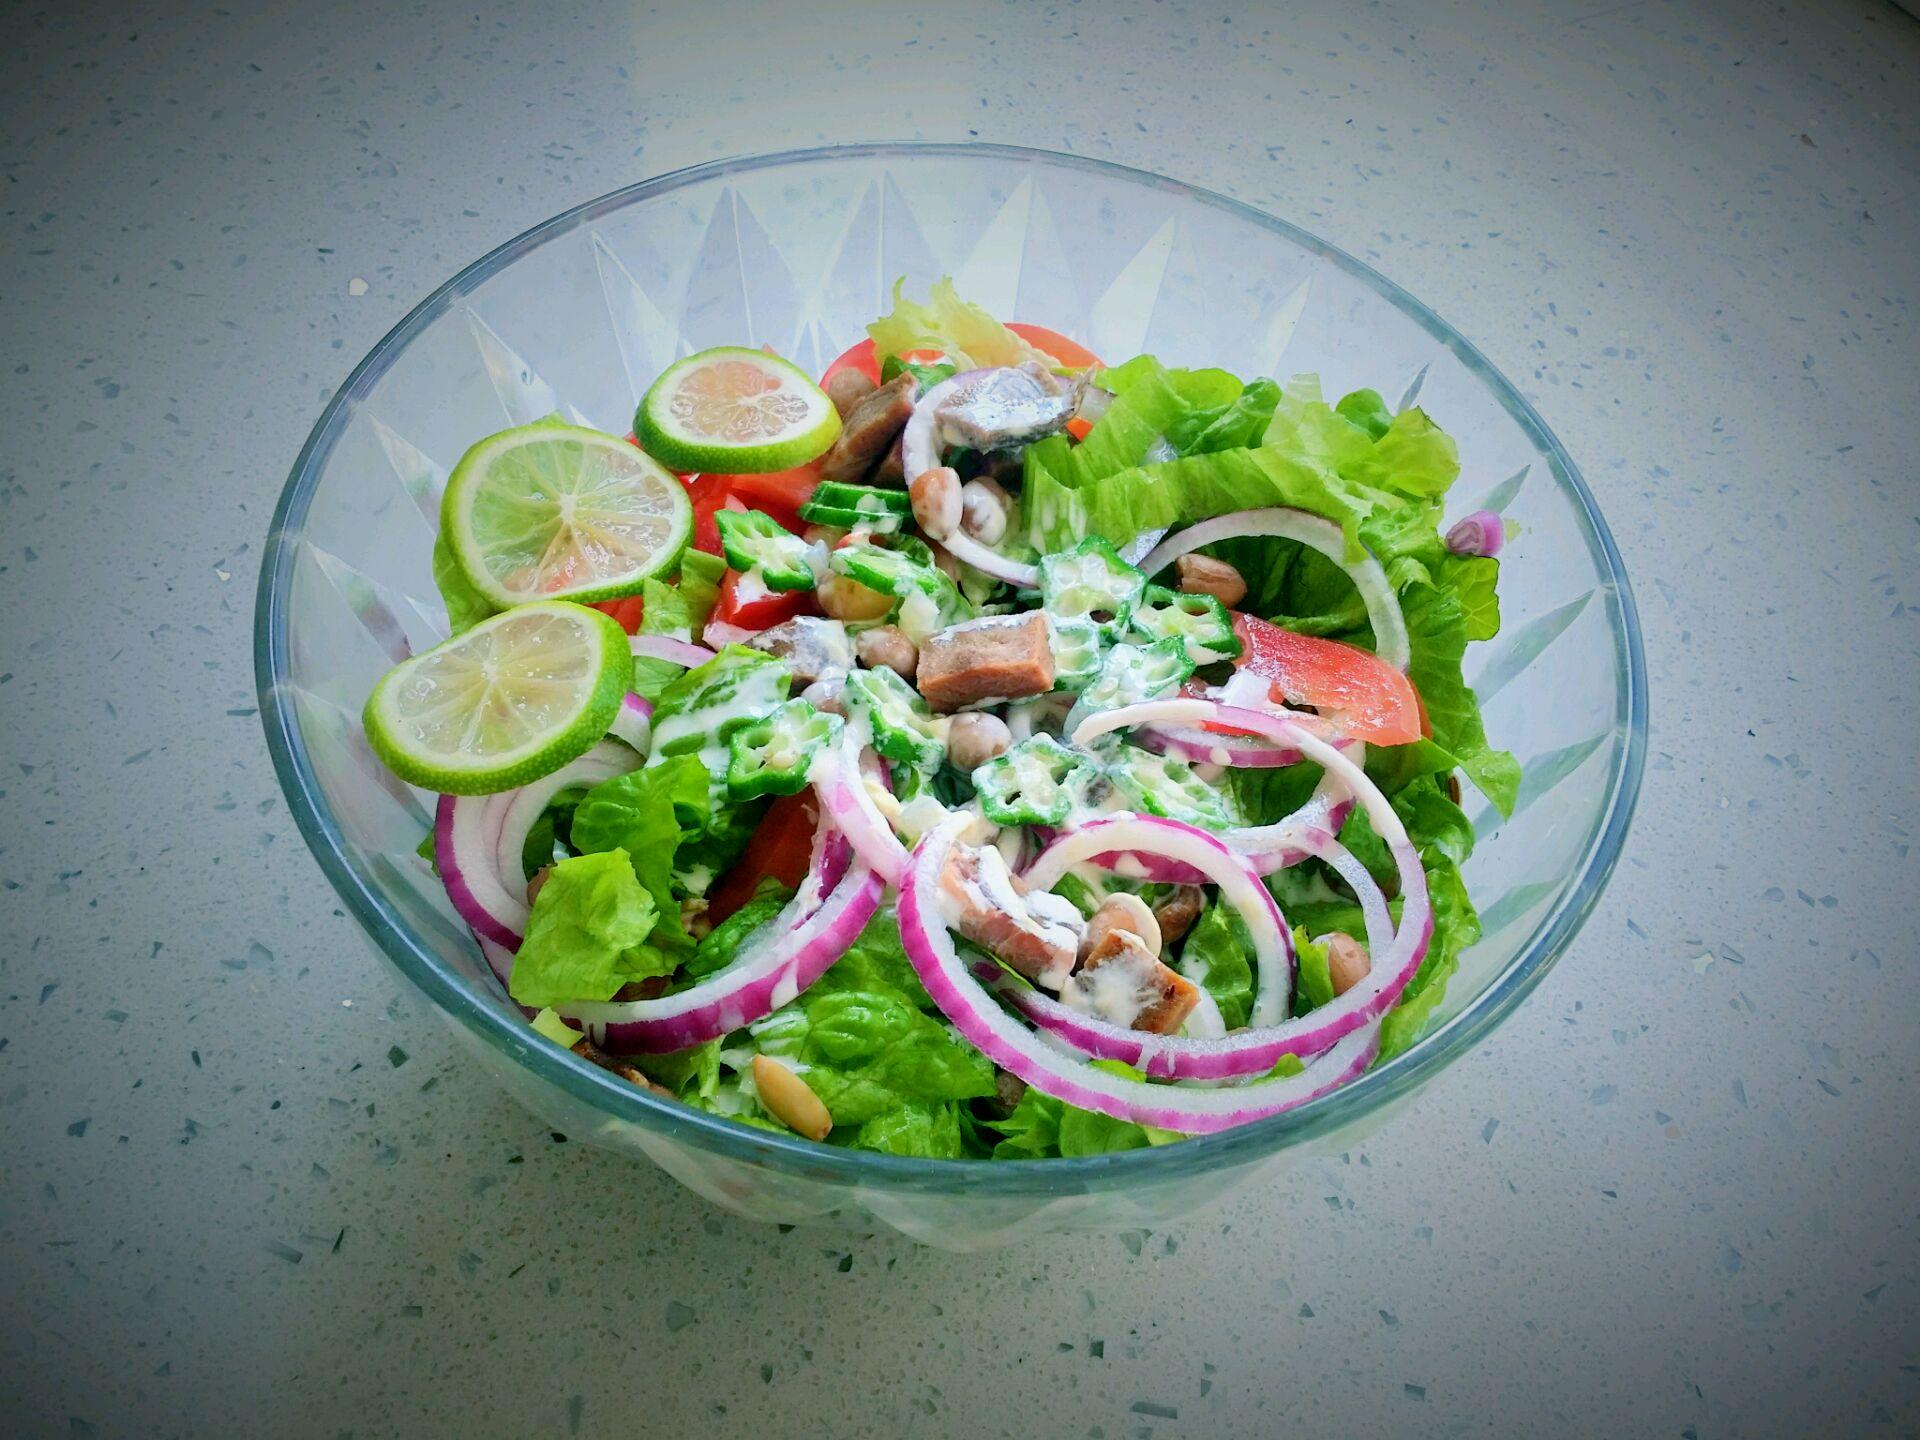 牛排蔬菜沙拉的做法步骤